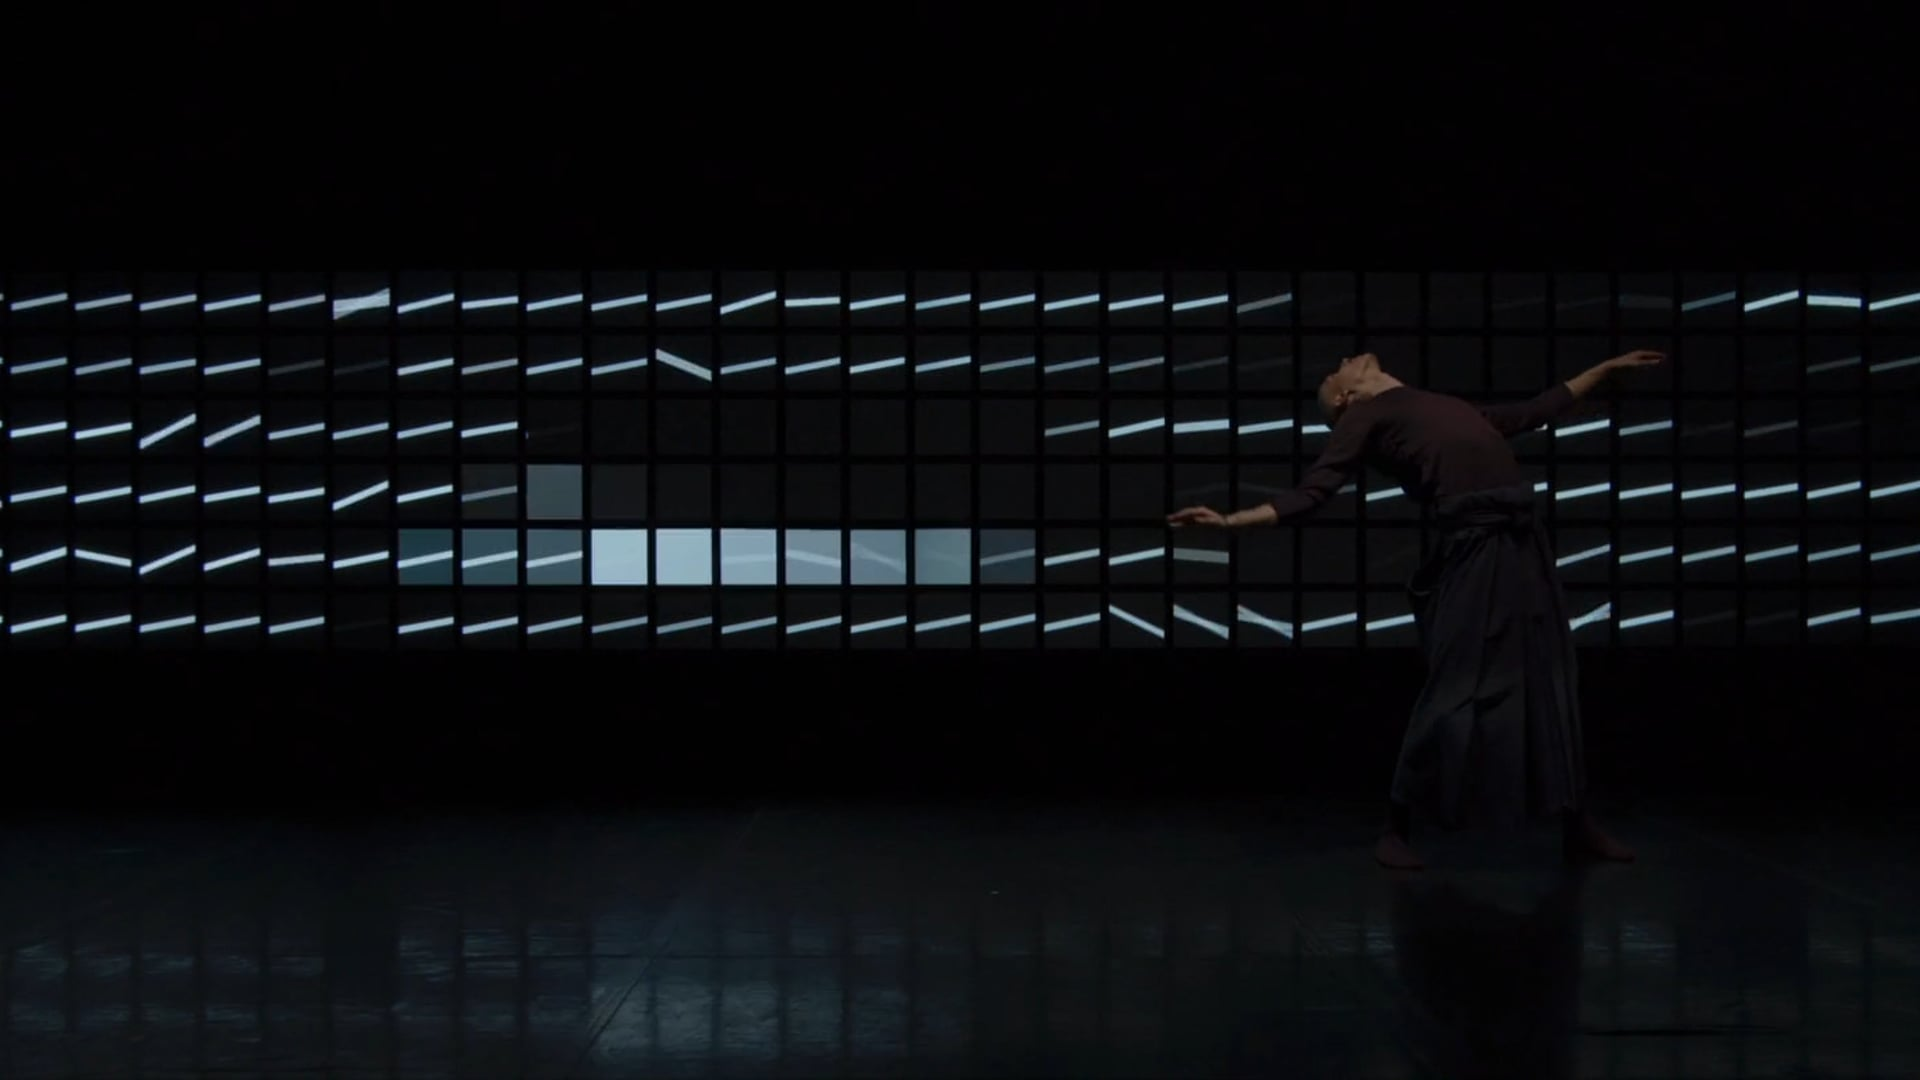 MINAKAMI - Jonathan Schatz & Yannick Jacquet - Teaser